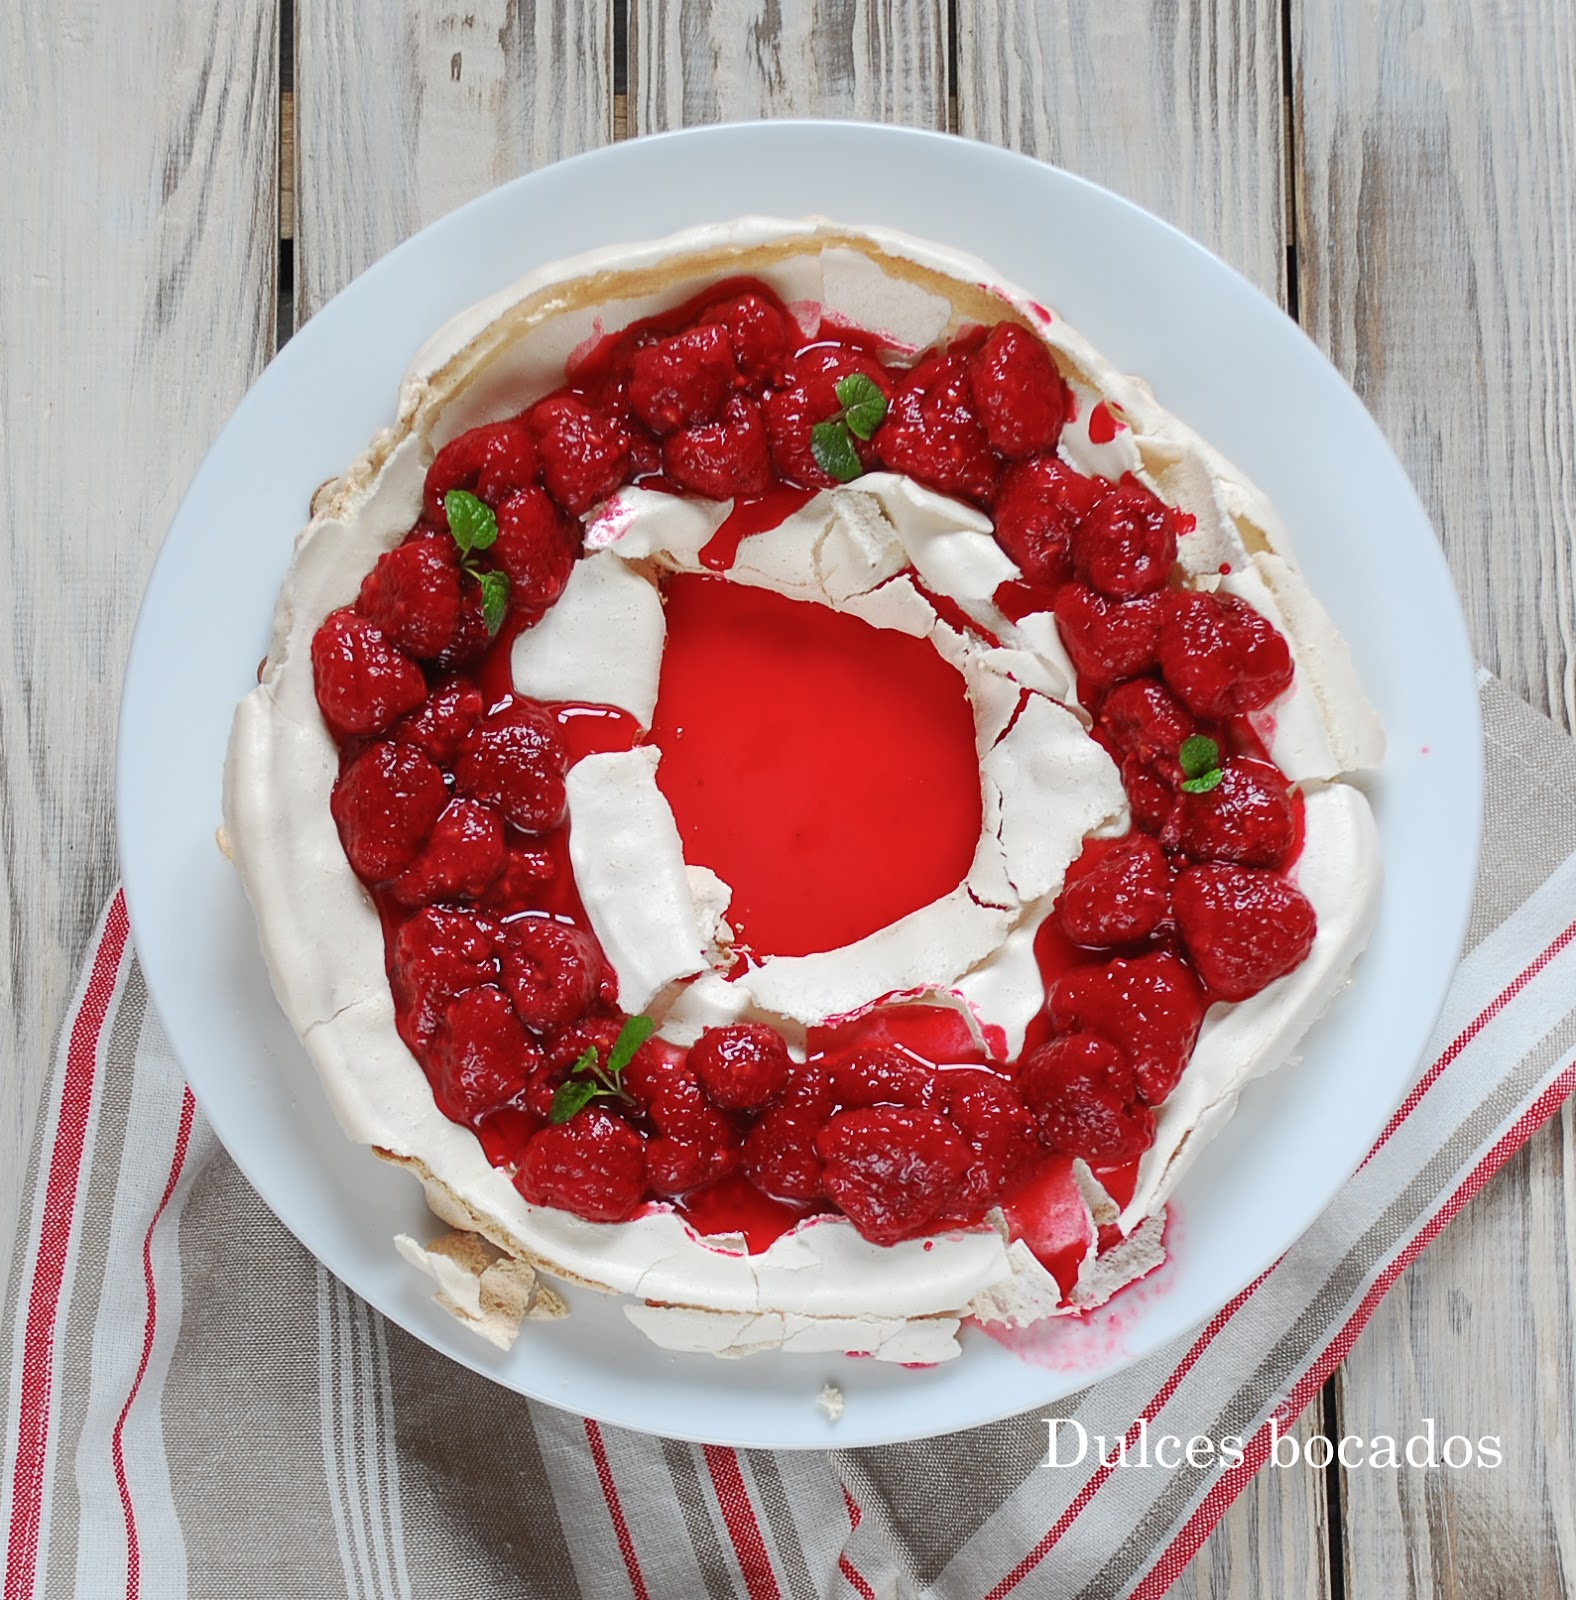 Corona de merengue y frambuesas - dulces bocados